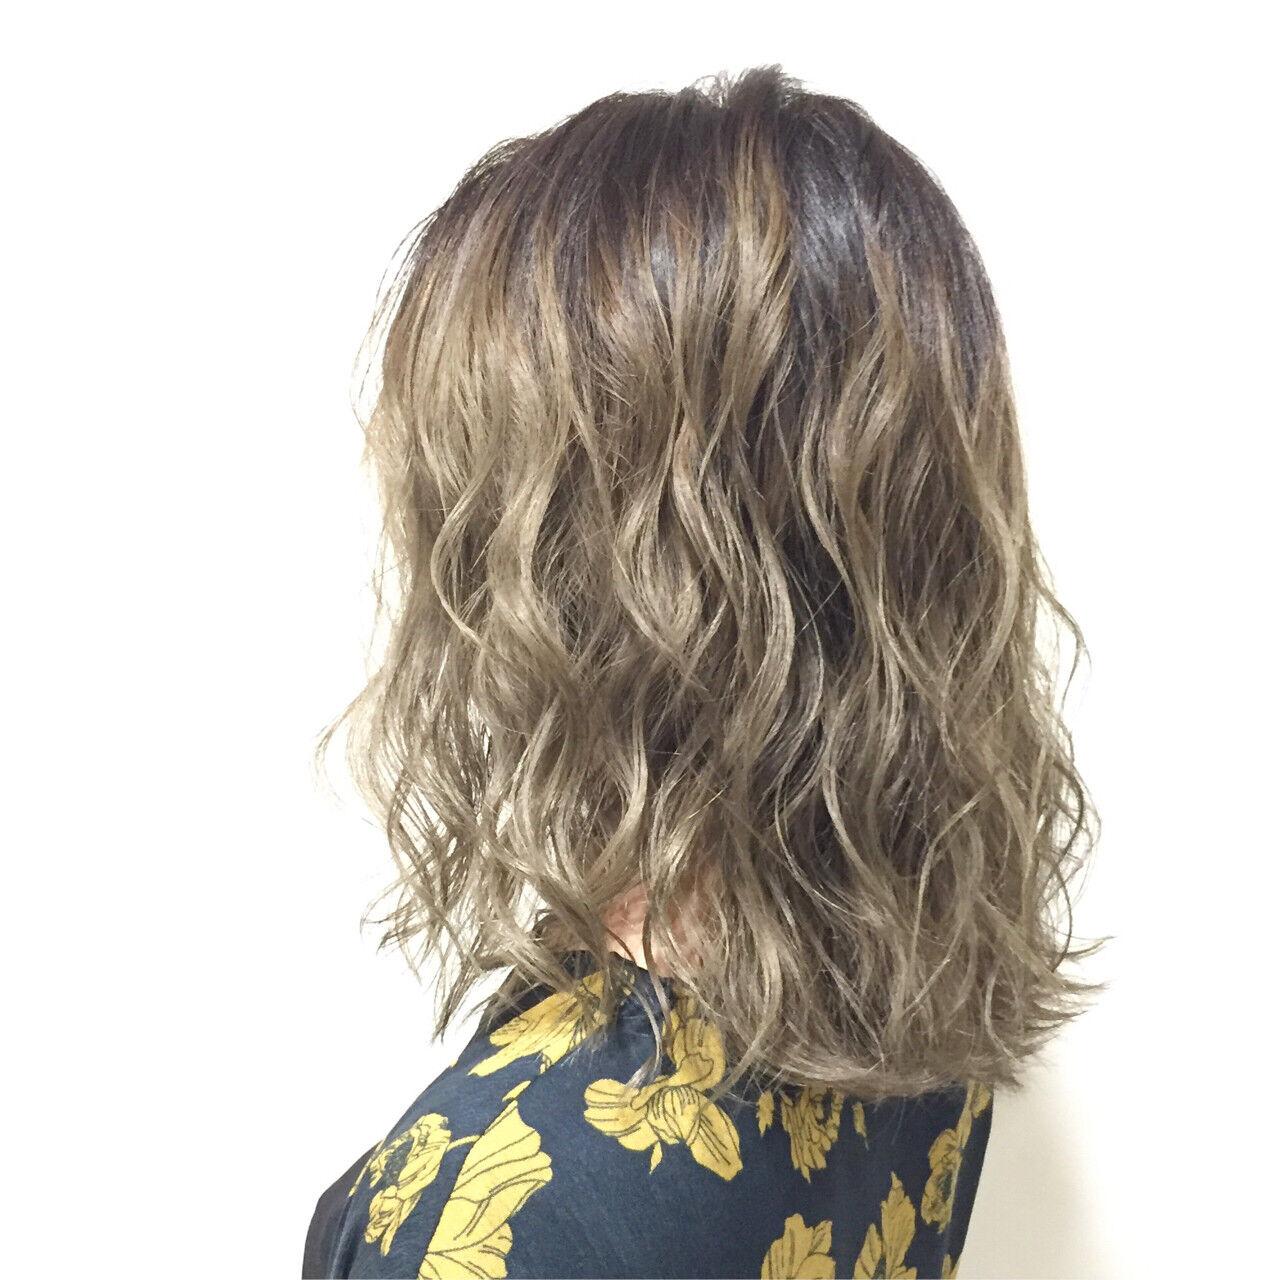 グラデーションカラー ガーリー ミディアム ハイライトヘアスタイルや髪型の写真・画像